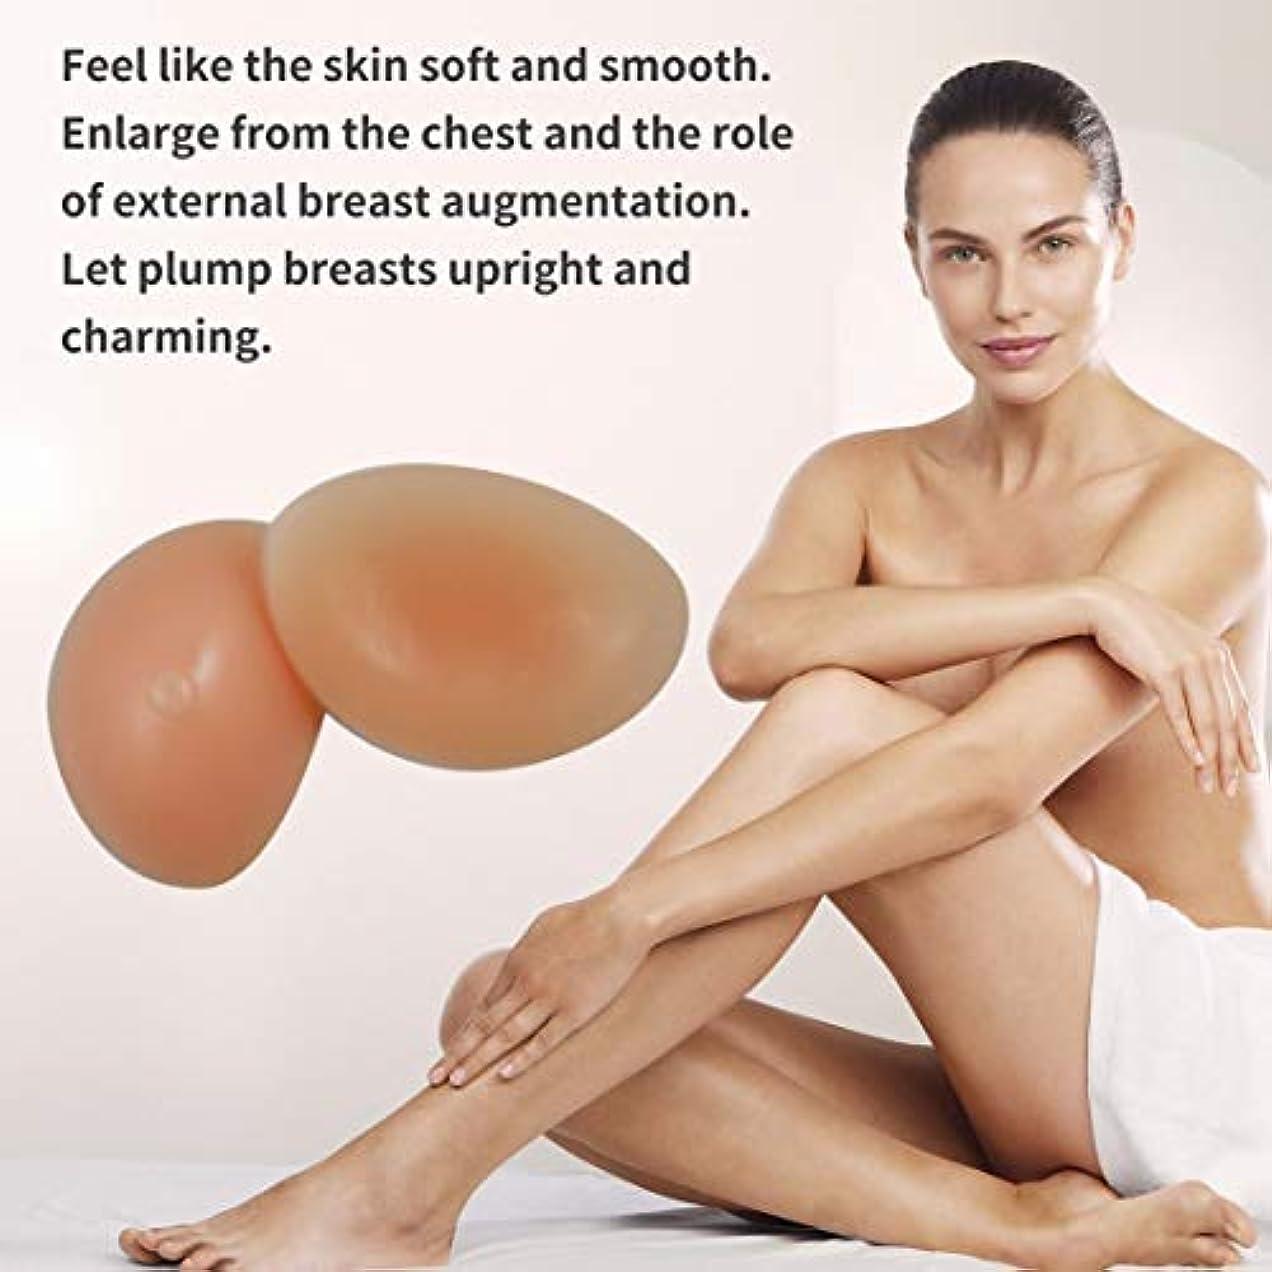 経済真向こうマークダウンシリコーンフォーム偽乳房エンハンサープッシュアップパッドブースターブラインサート人工乳房リアルな防水シリコーン乳房フォーム